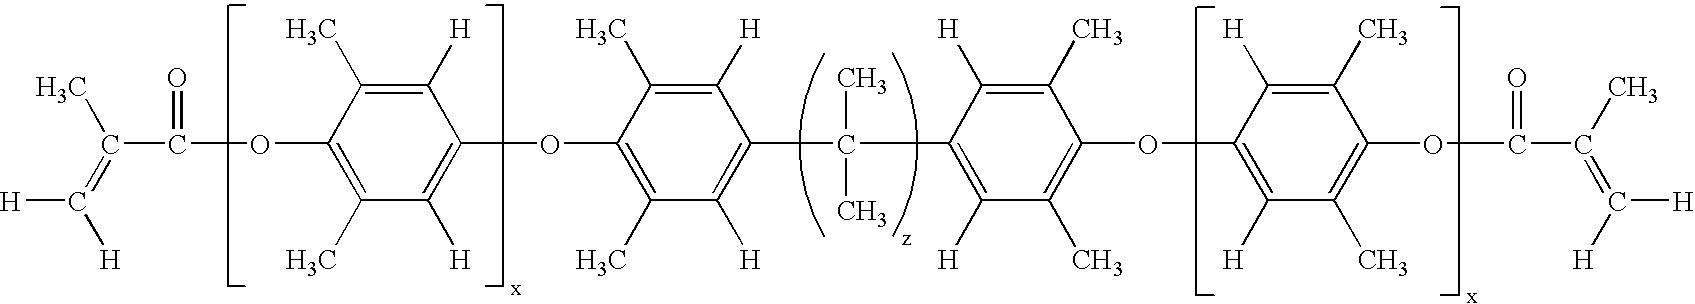 Figure US07329708-20080212-C00006